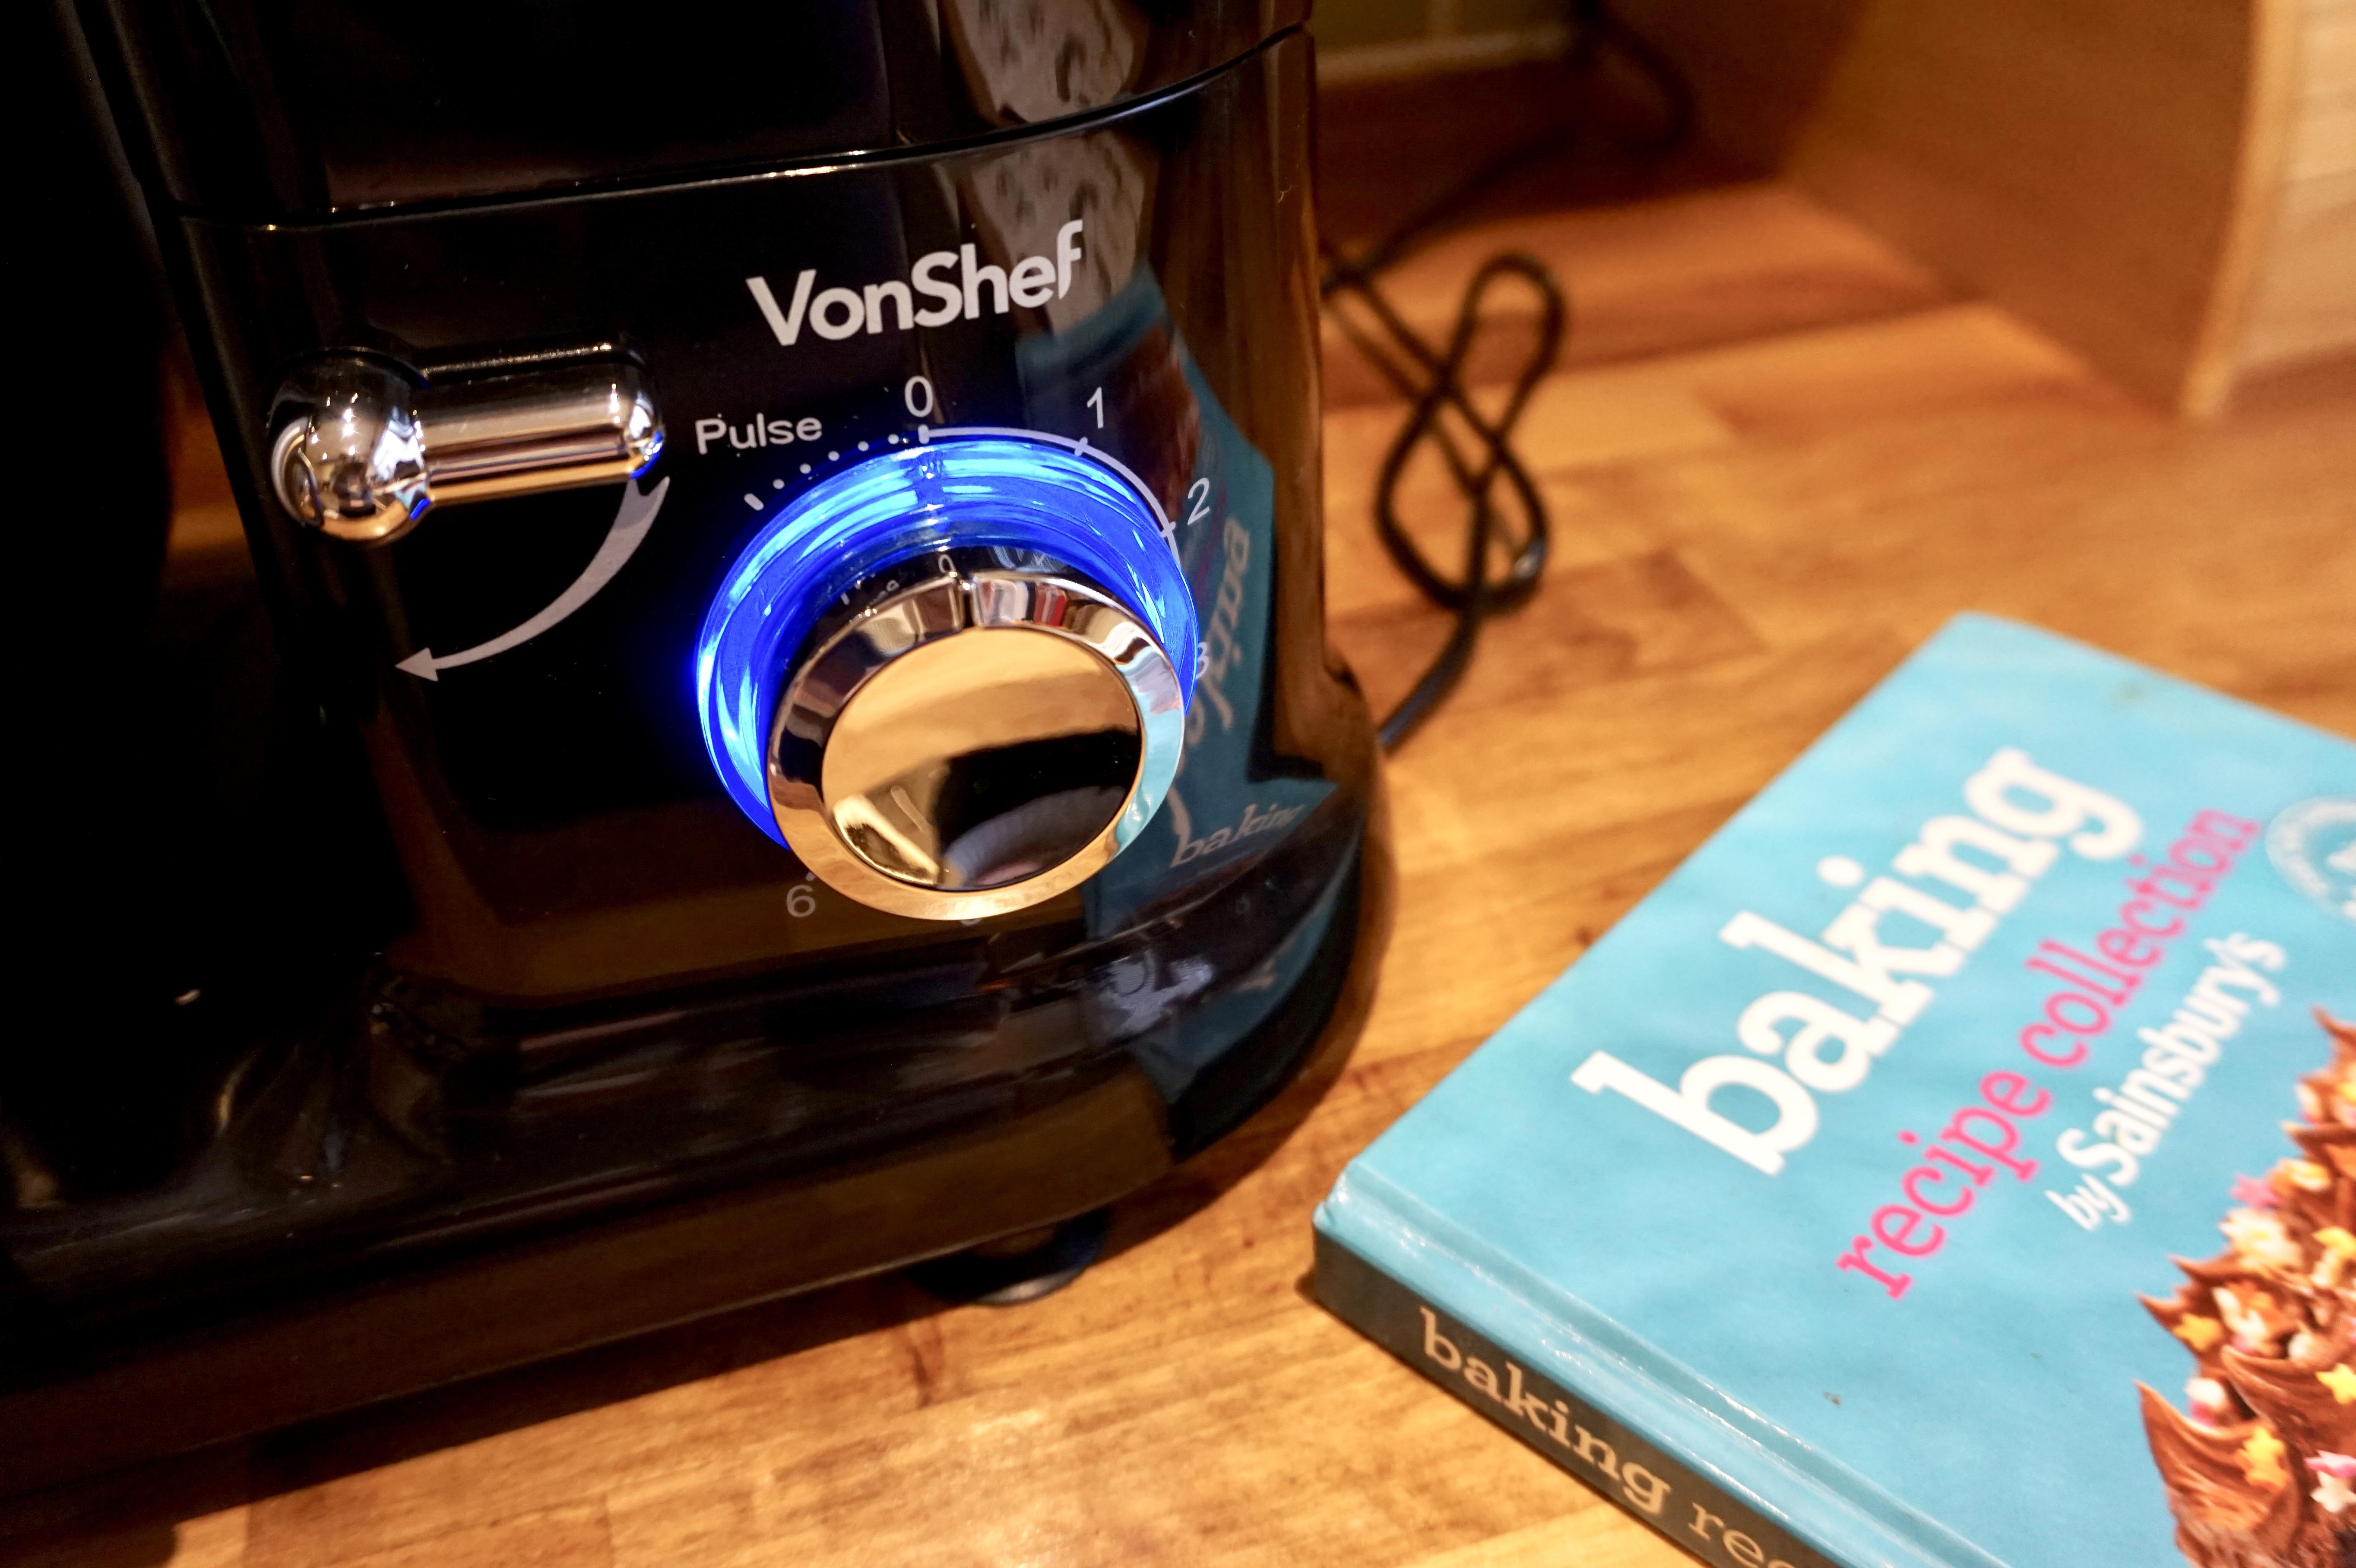 baking with domu VonShef mixer